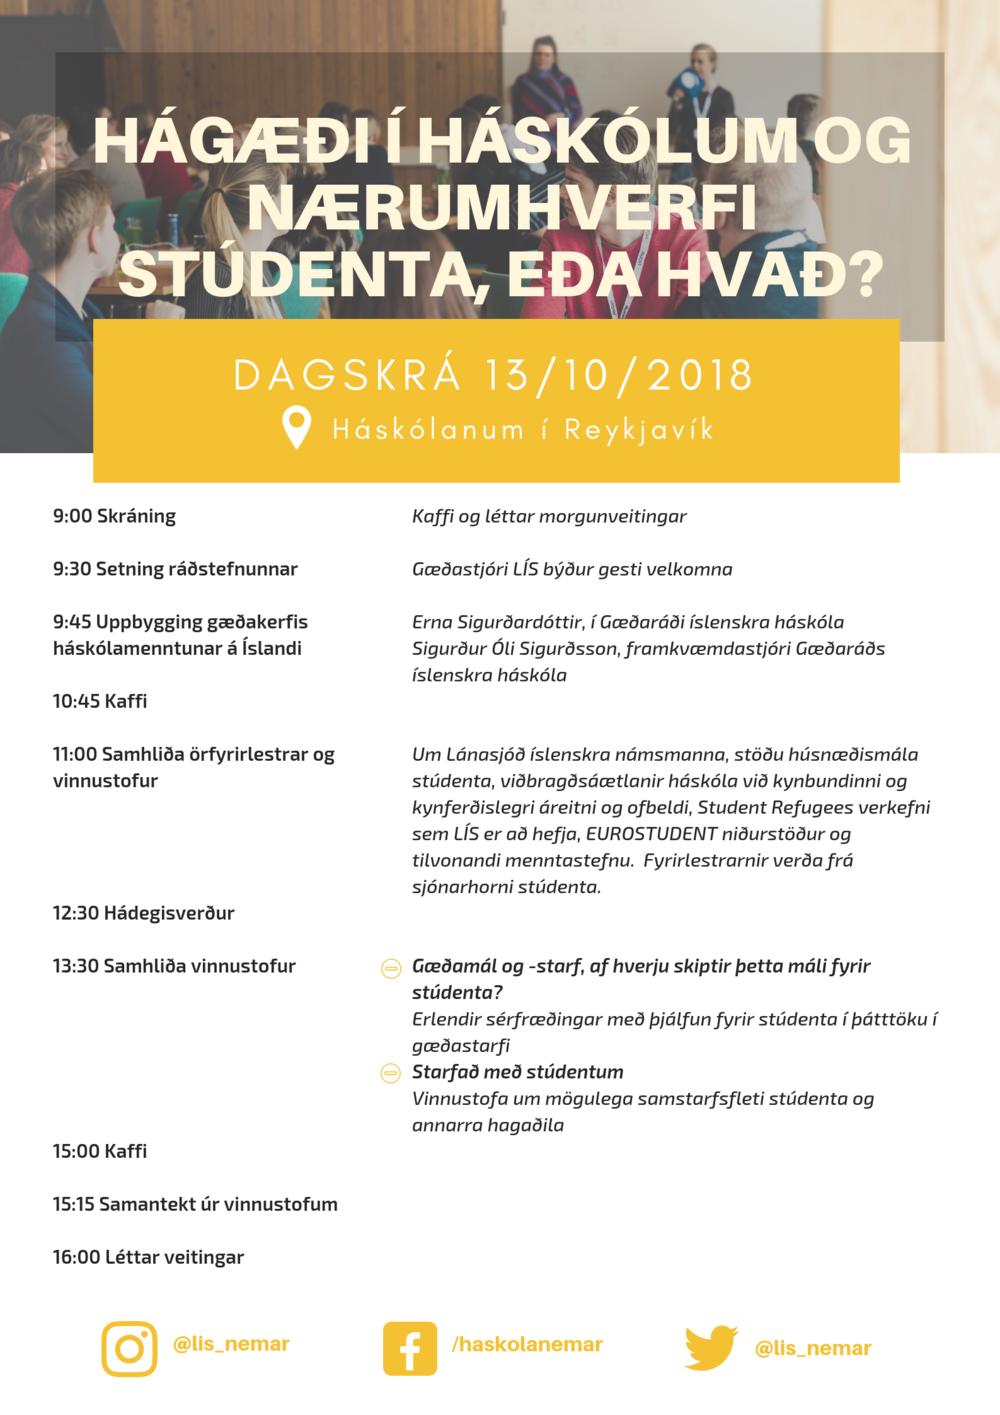 Hágæði - poster_dagskrá.png